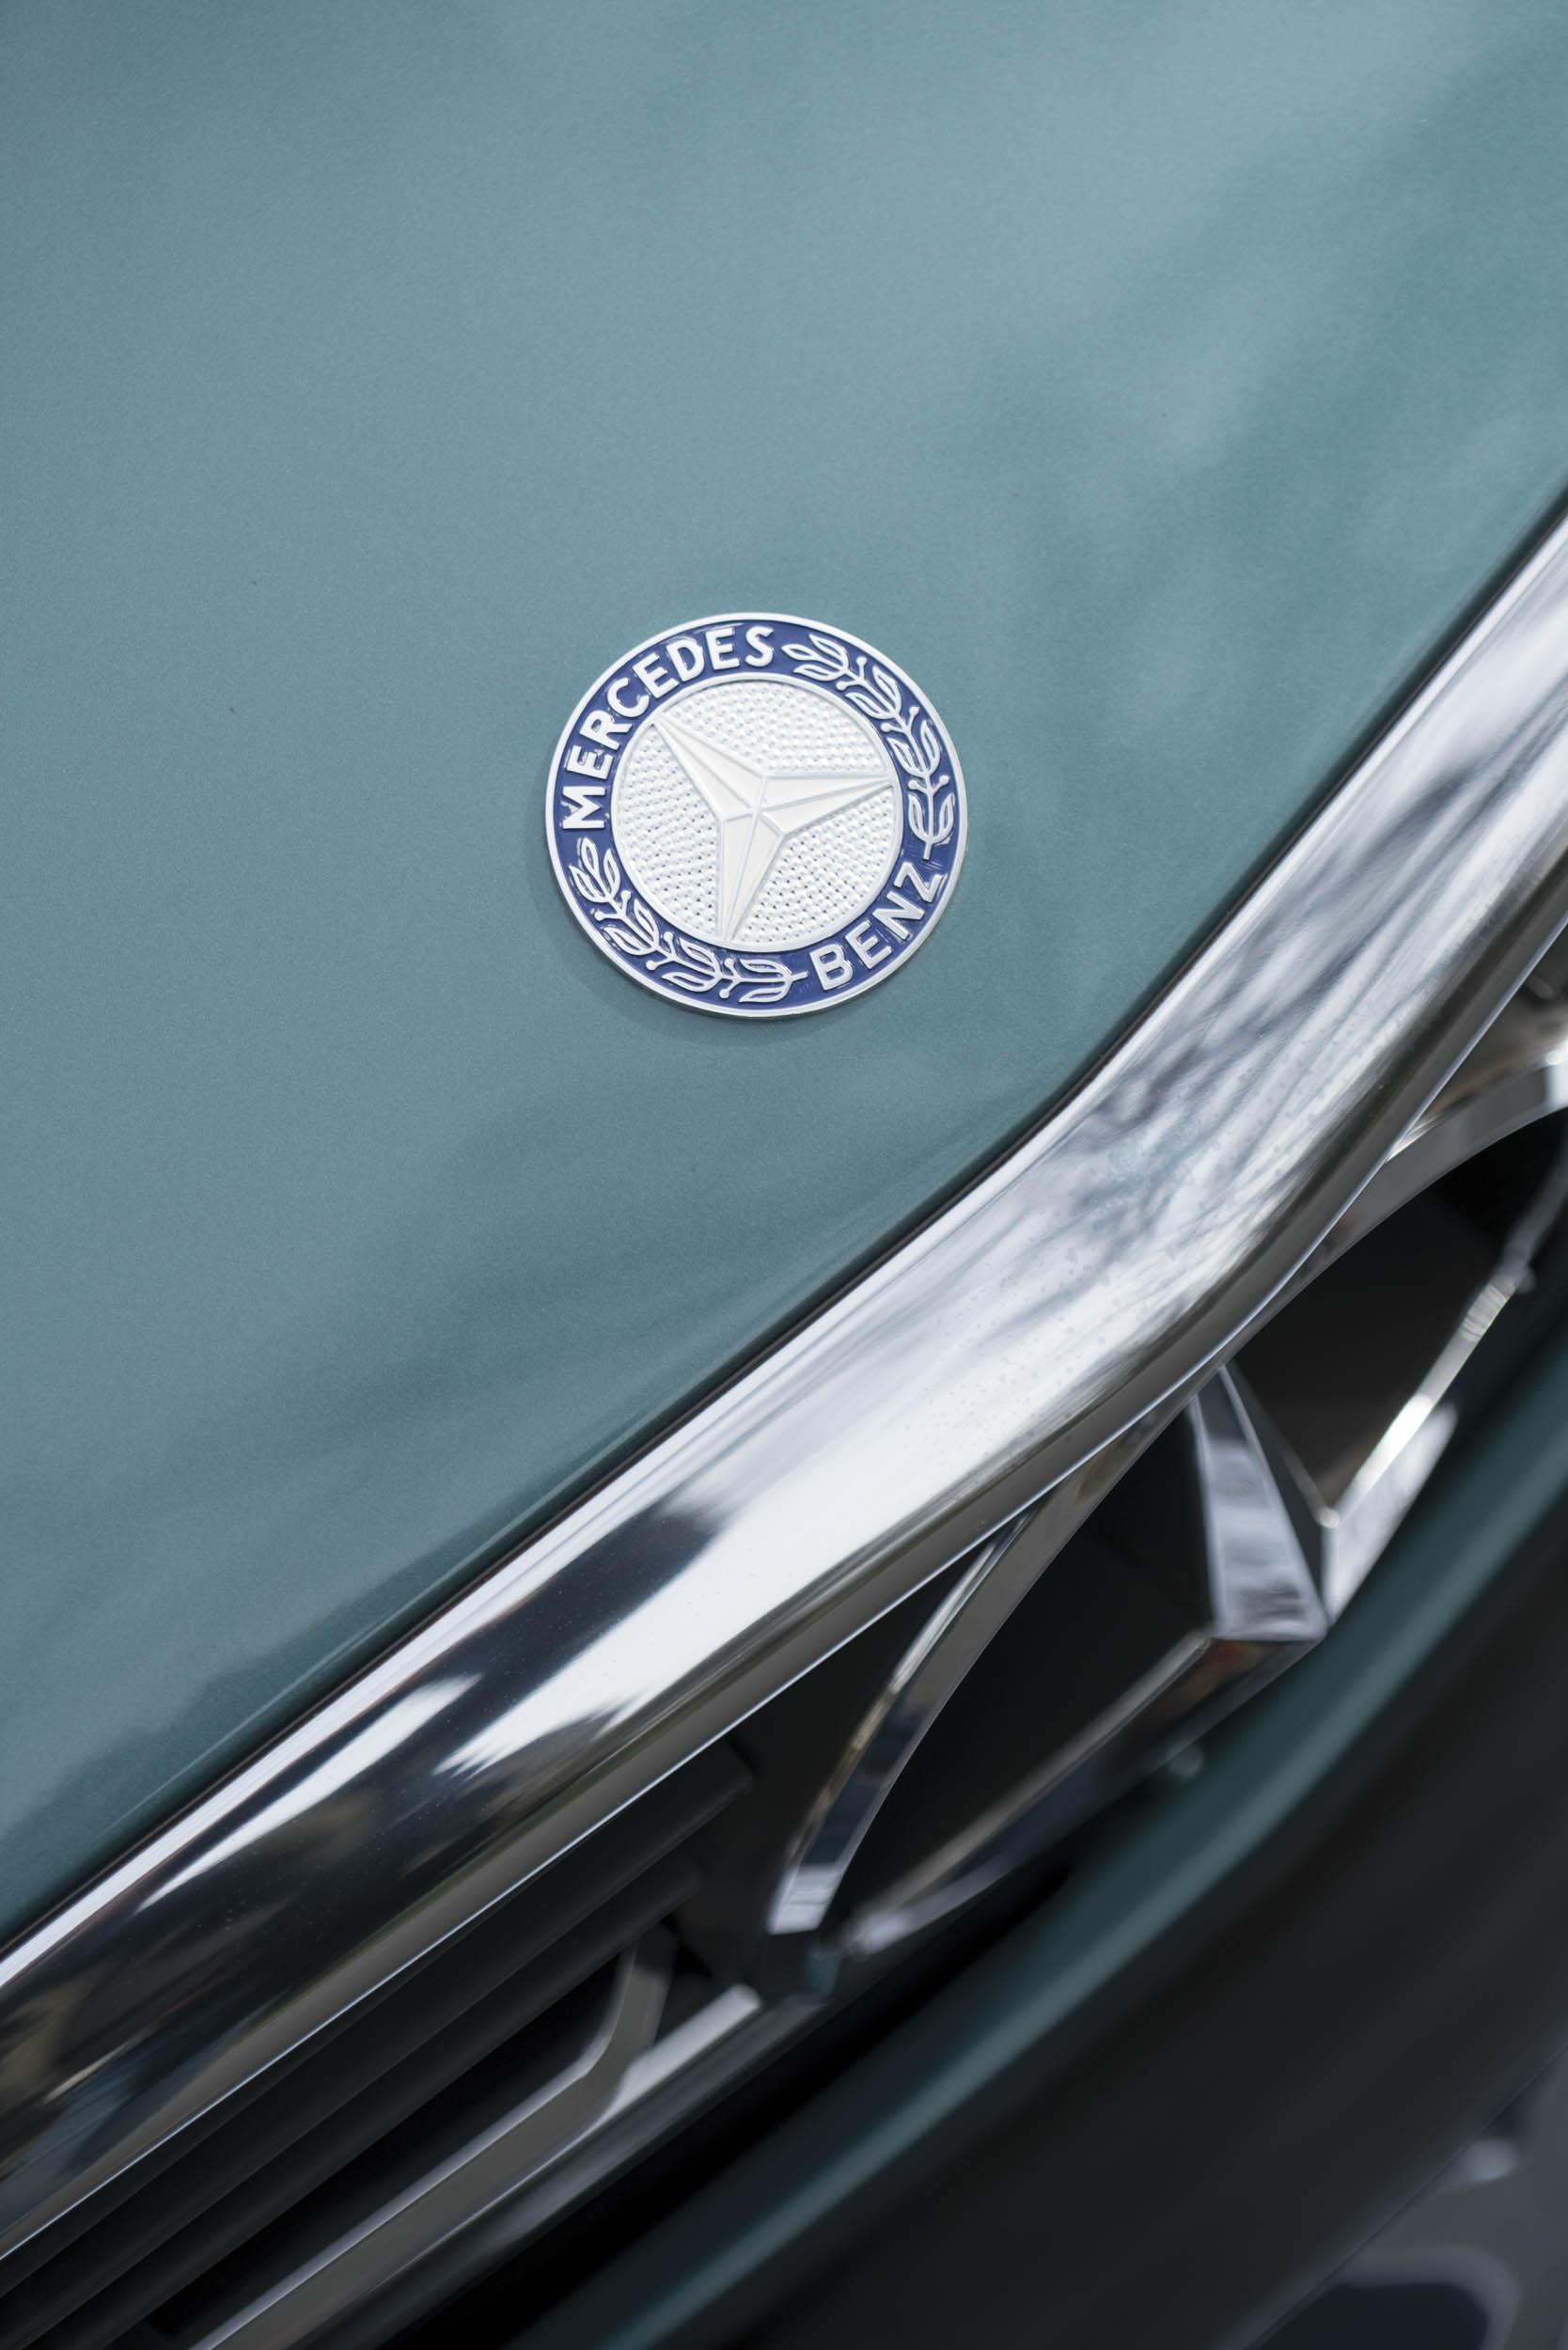 1988 Mercedes-Benz 560 SL hood badge